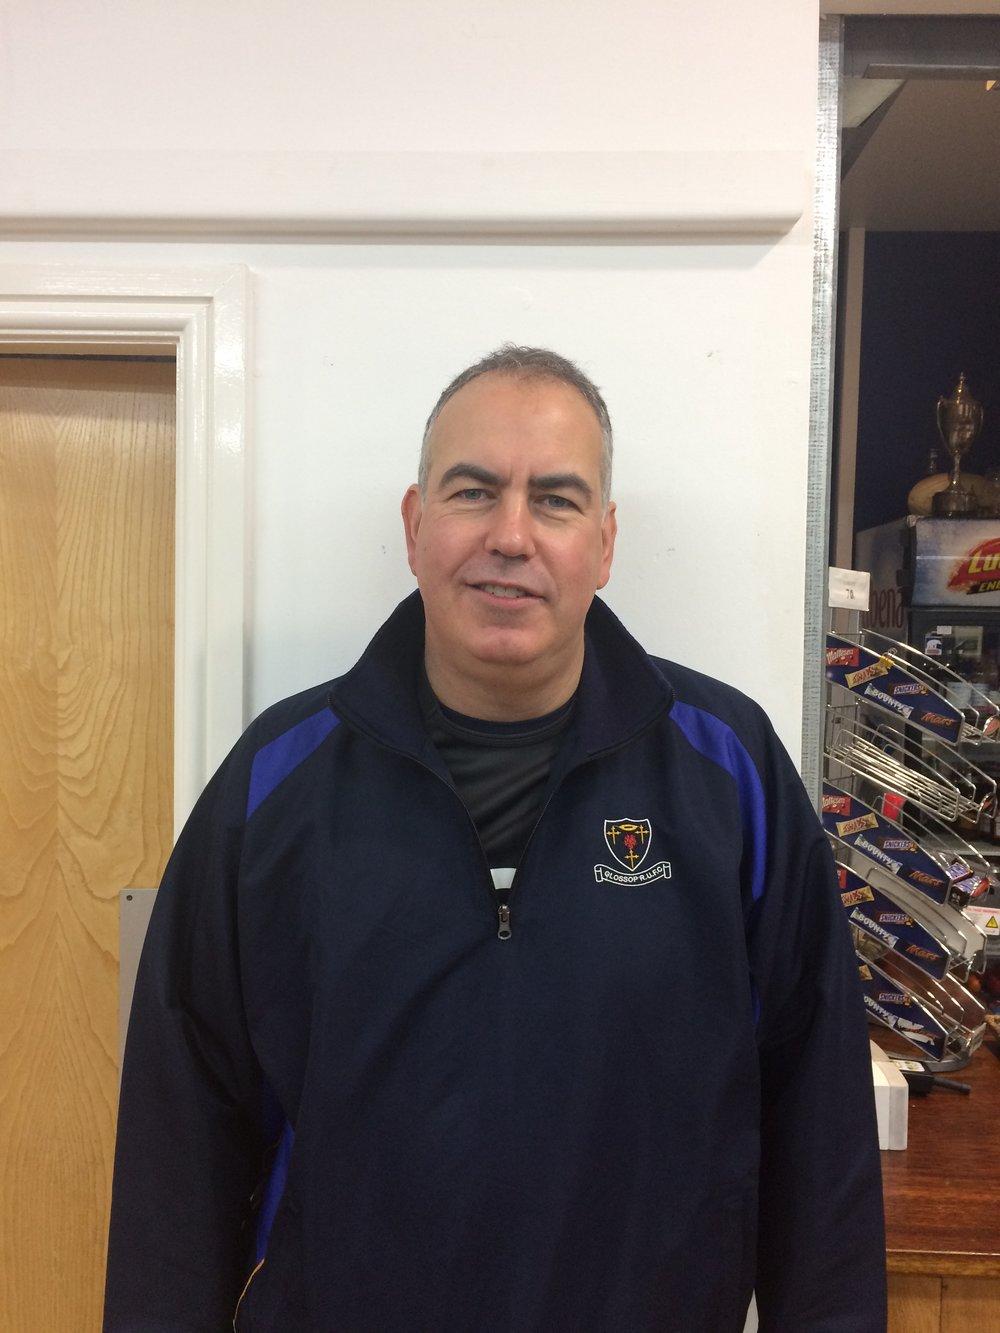 Peter Baynham   Coach  07525 268 580